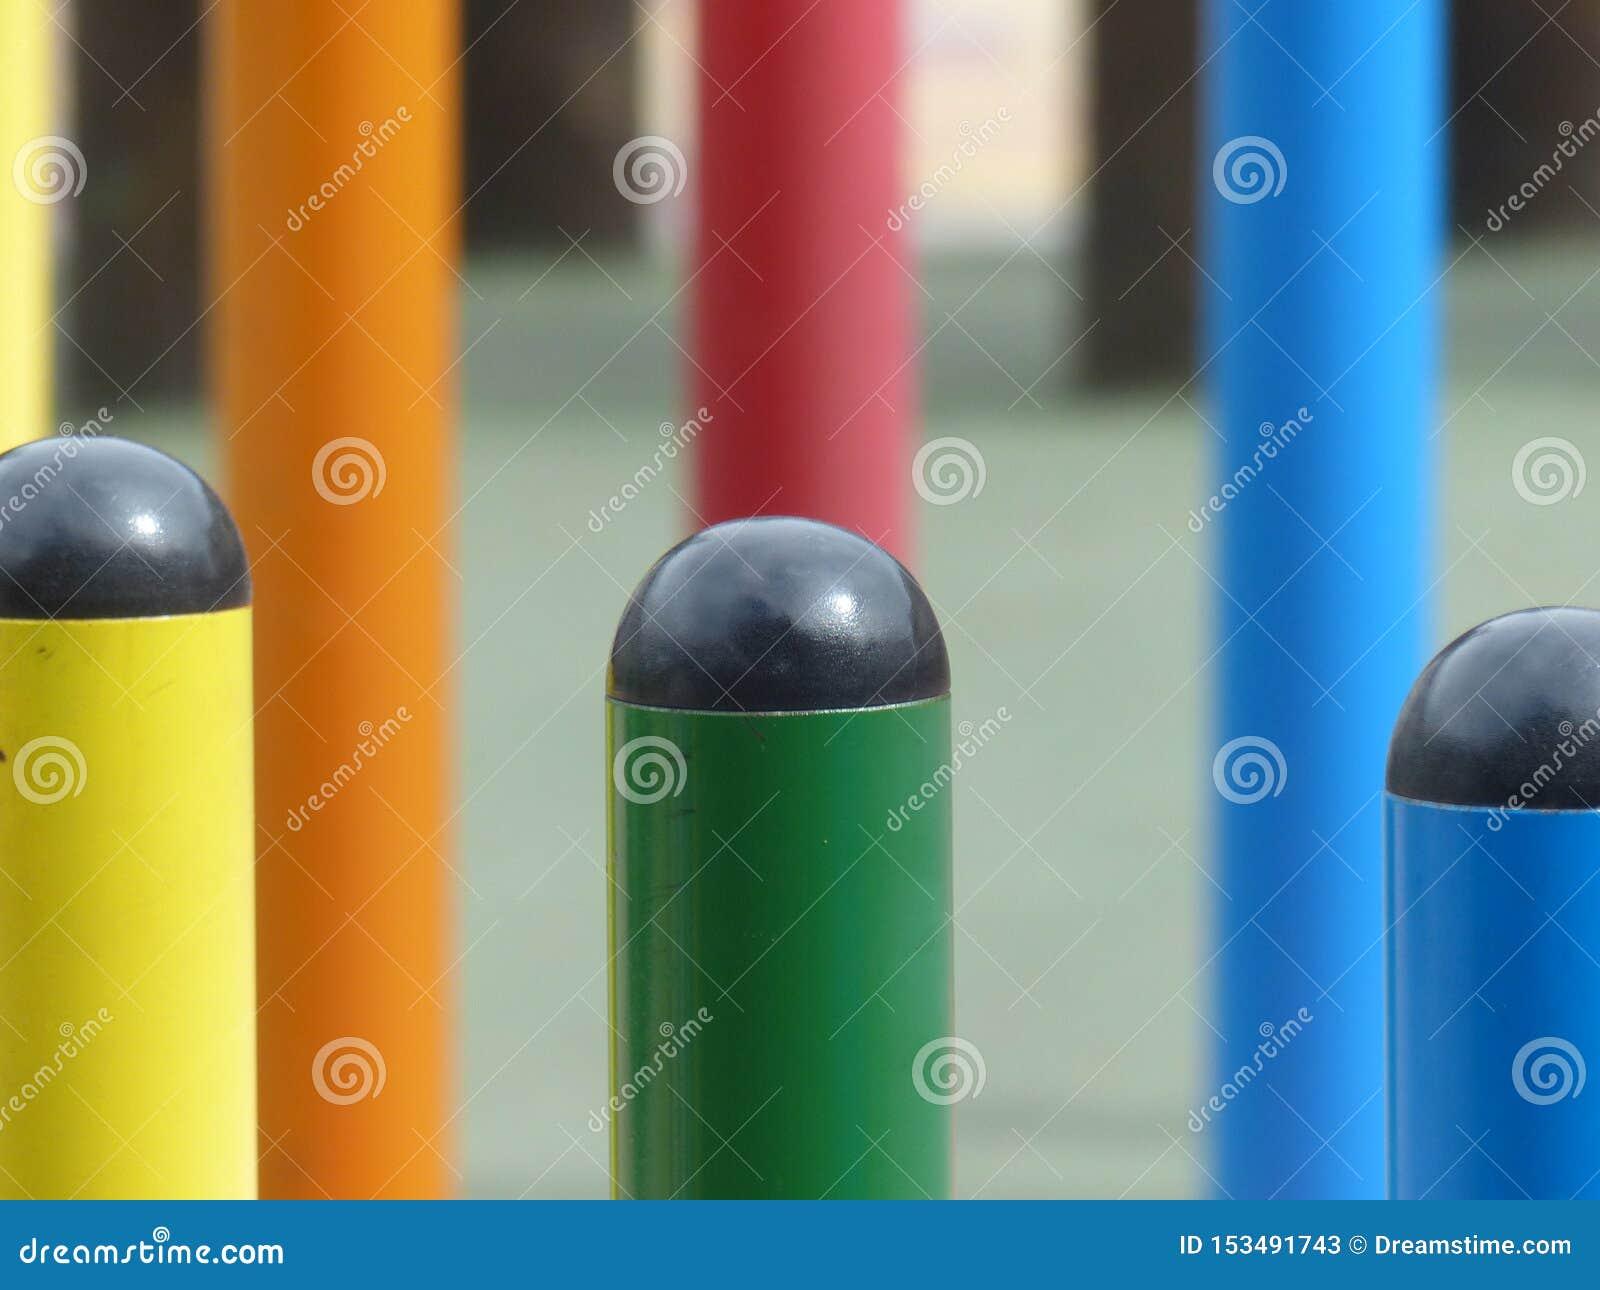 Games in children& x27;s playground